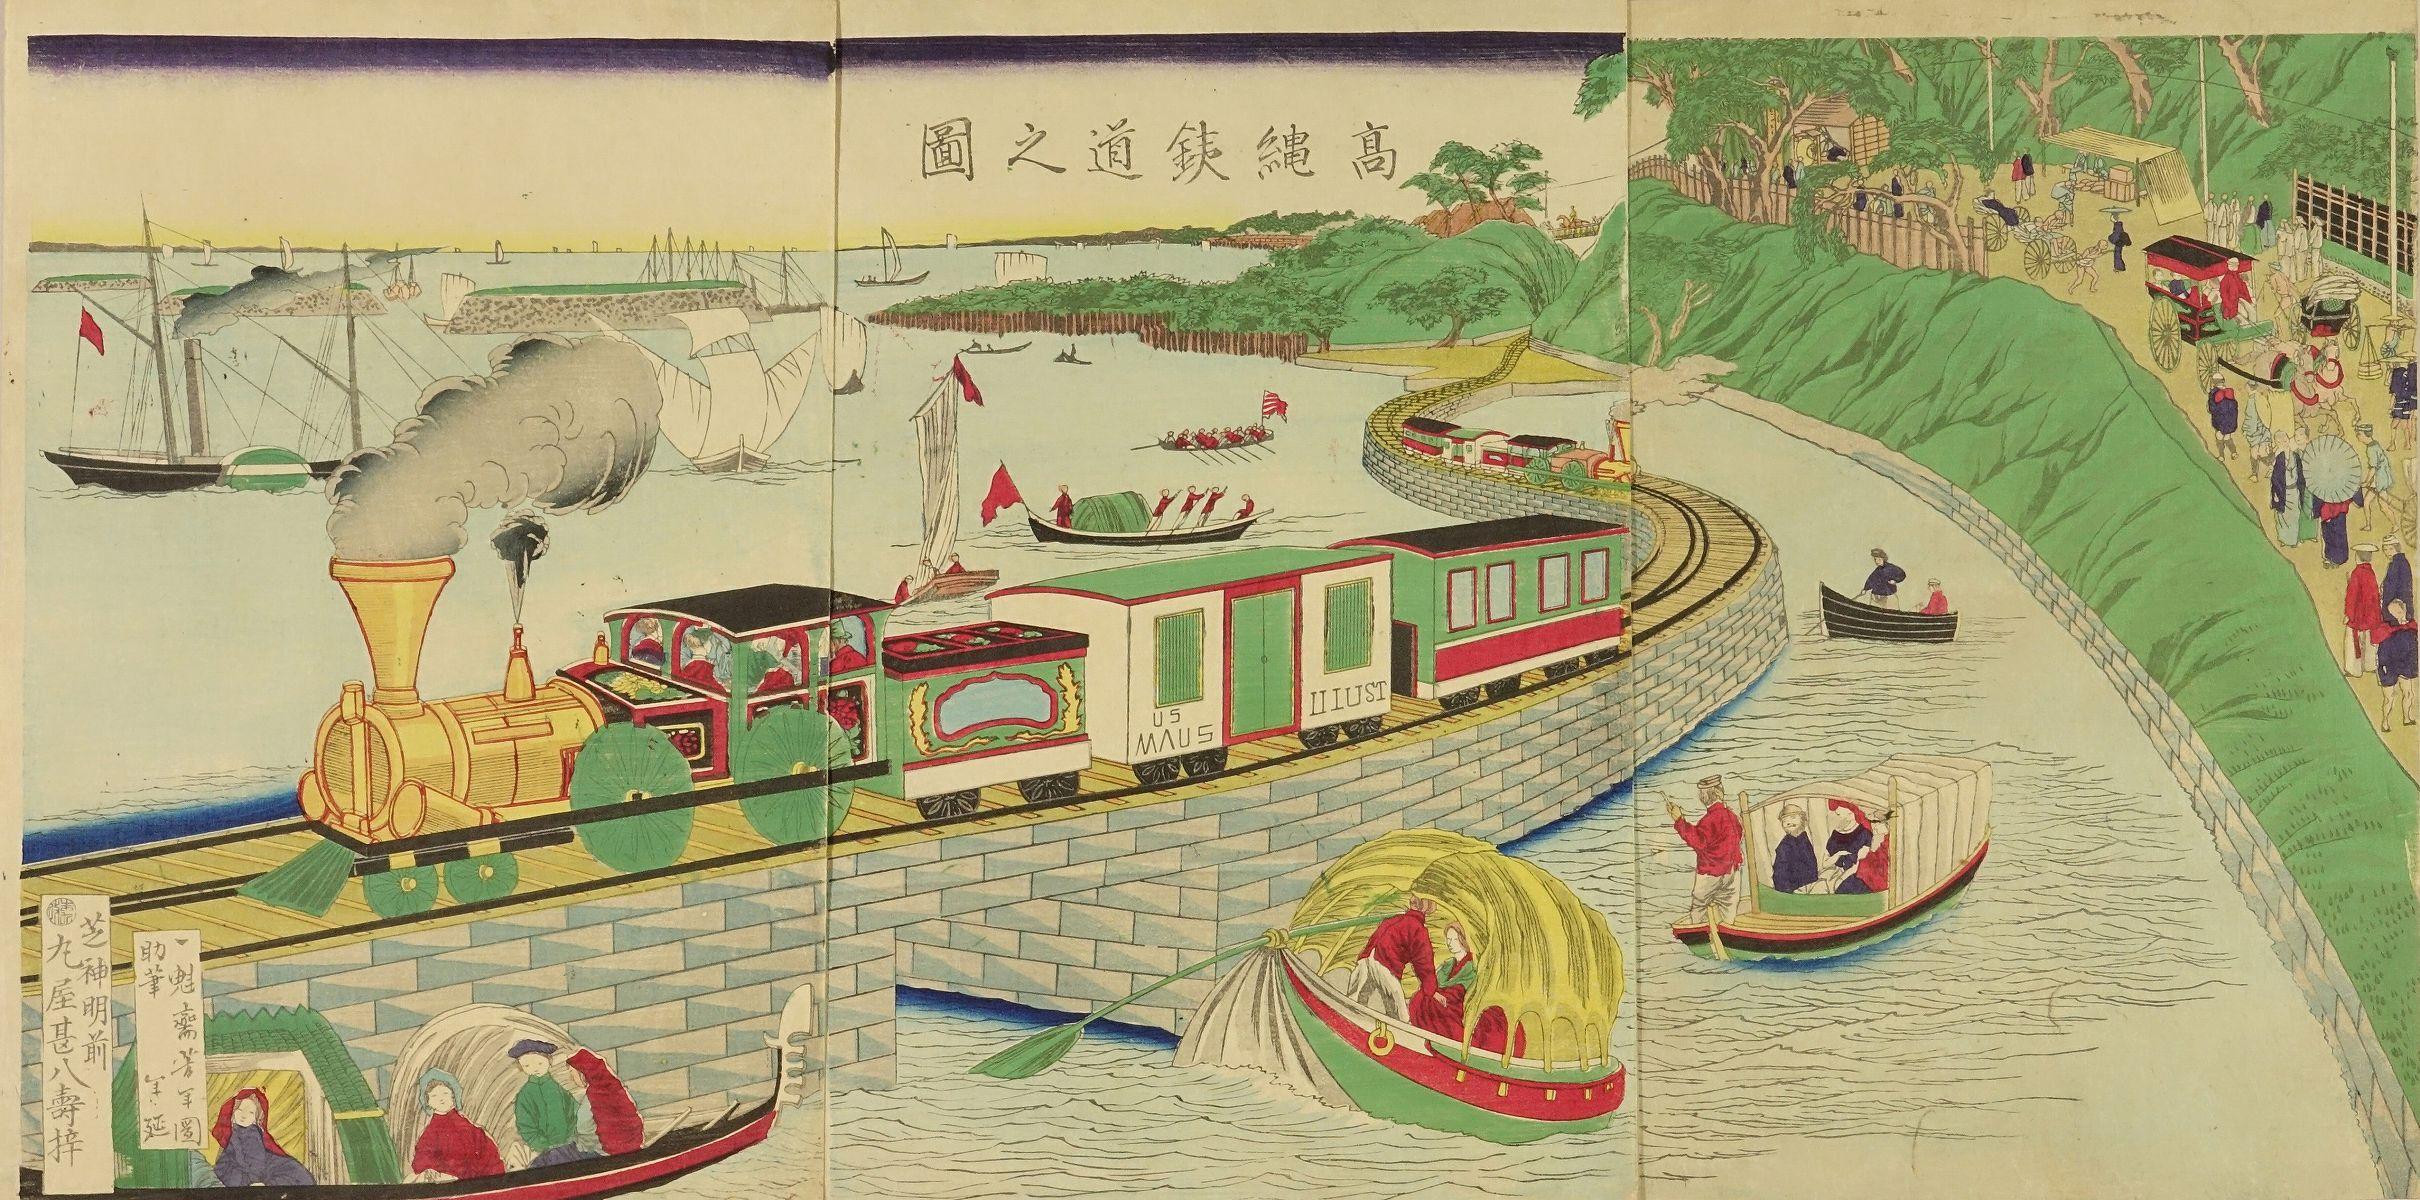 YOSHITOSHI <i>Takanawa tetsudo no zu</i> (View of the train at Takanawa), triptych